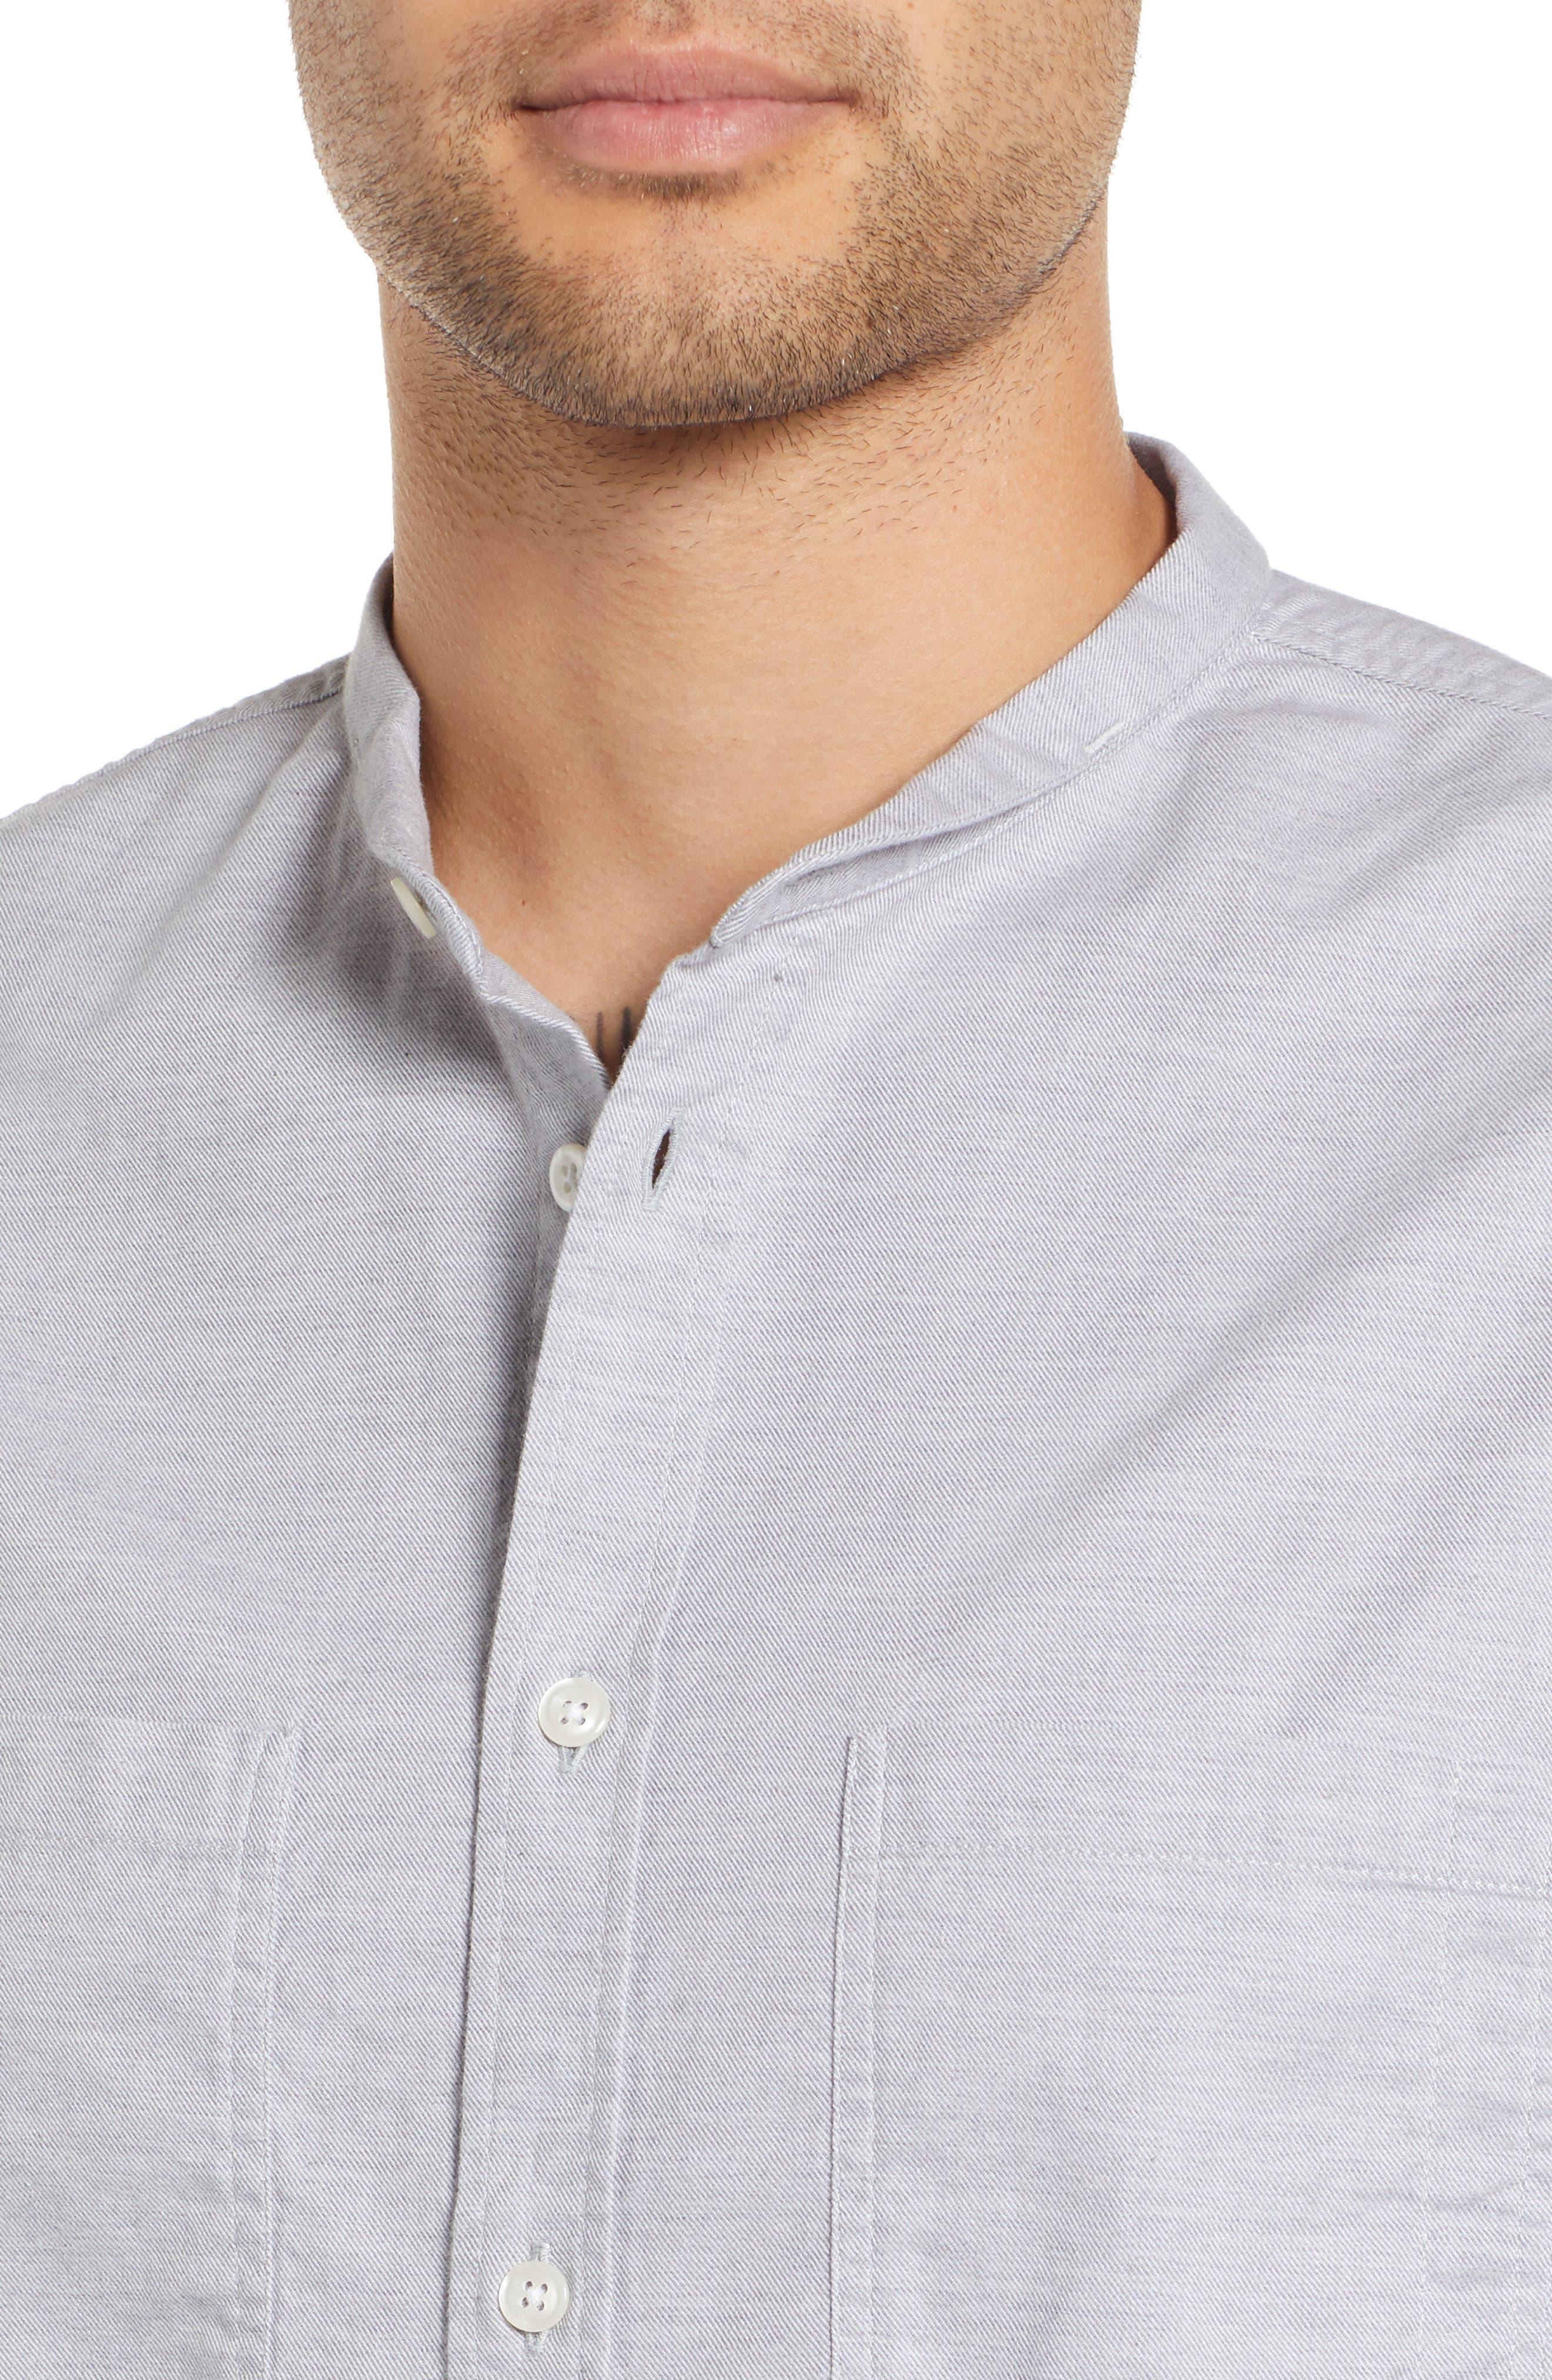 Rick Regular Fit Solid Sport Shirt,                             Alternate thumbnail 2, color,                             GREY MELANGE